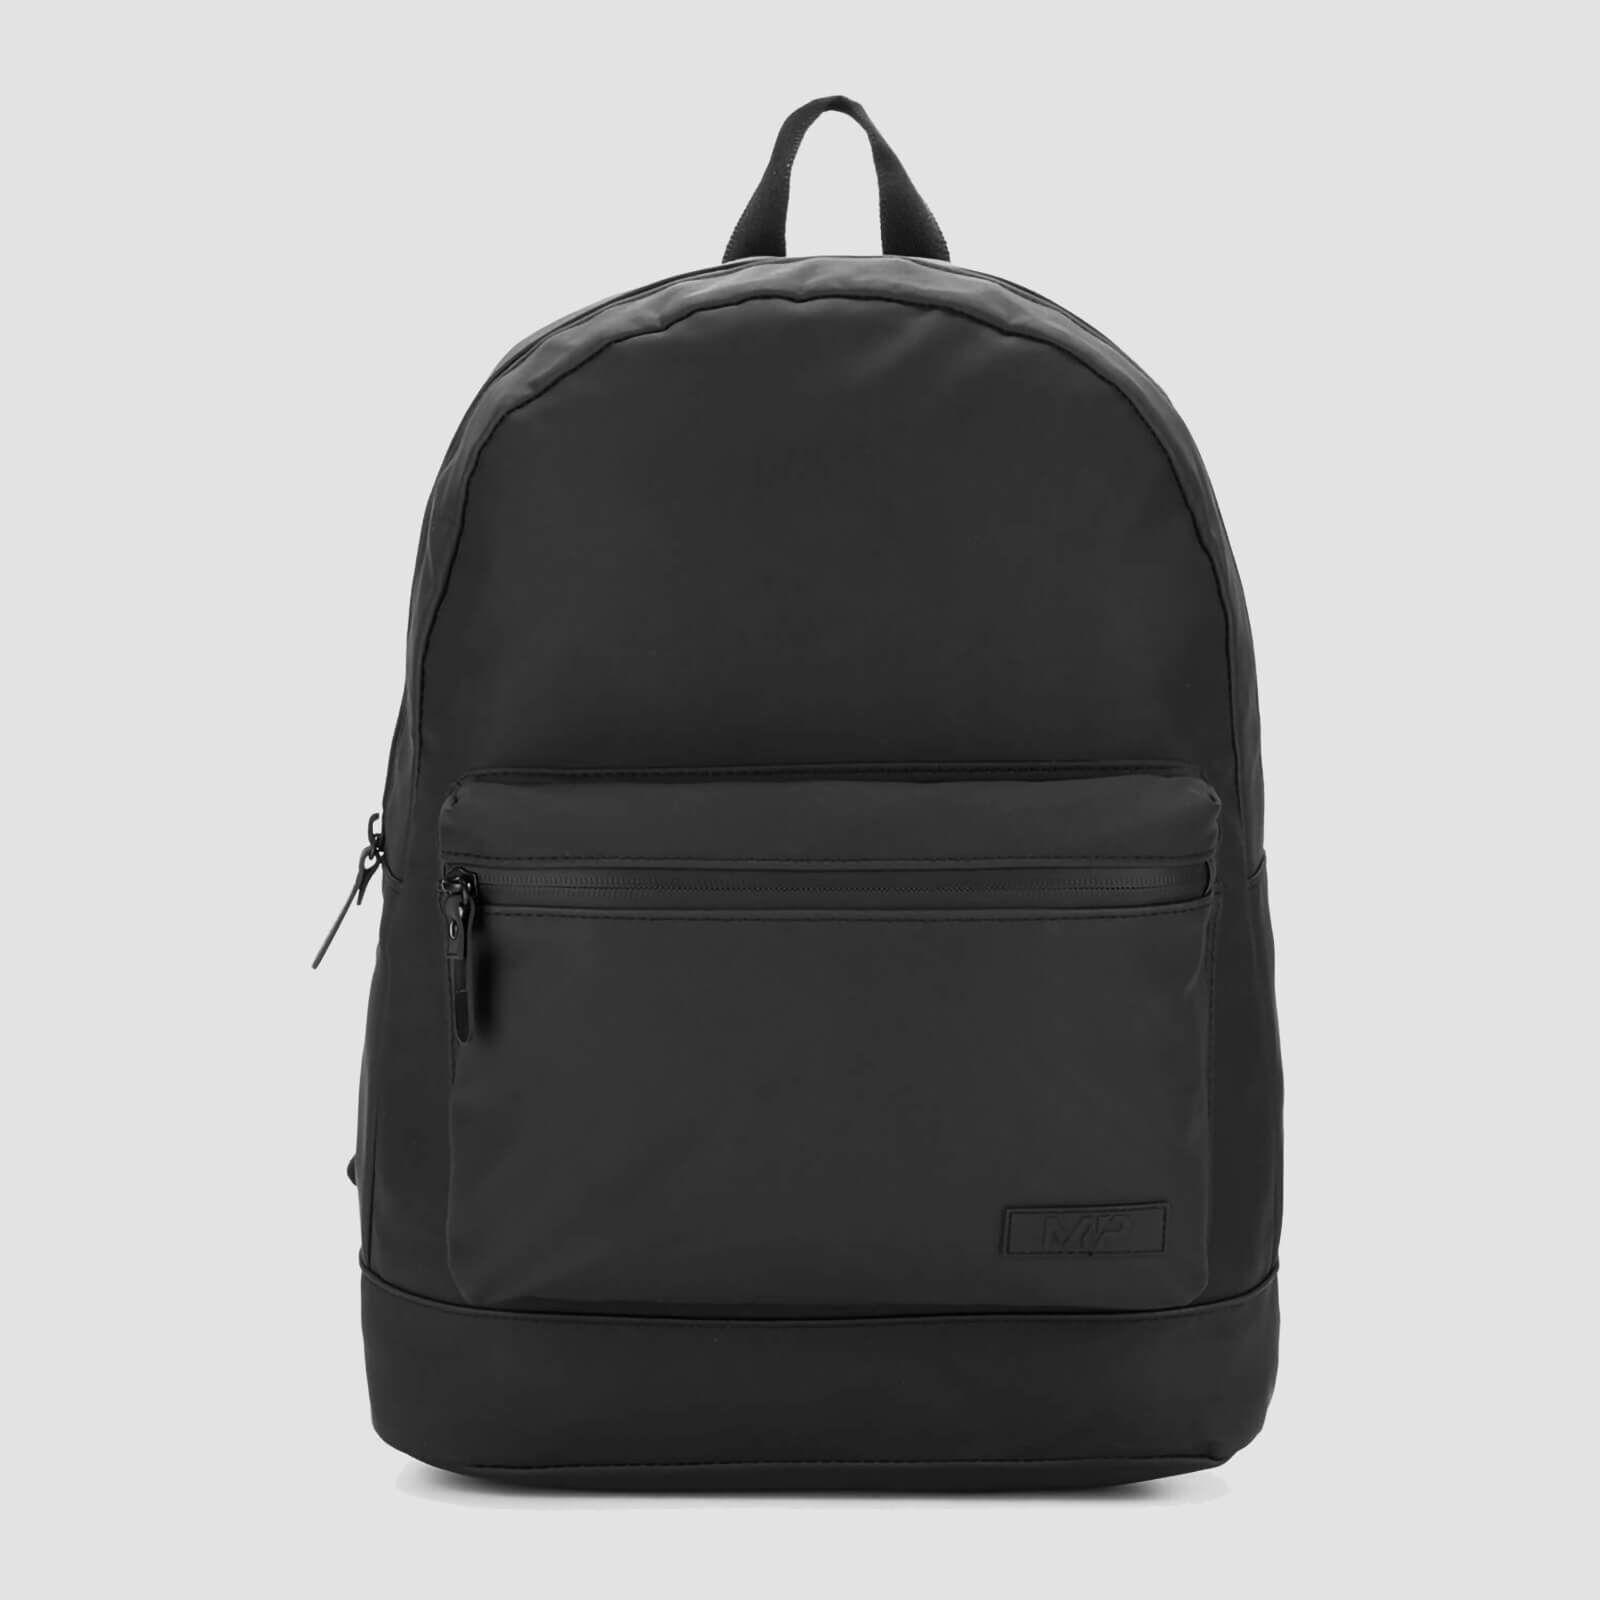 Myprotein MP Premium Backpack - Black